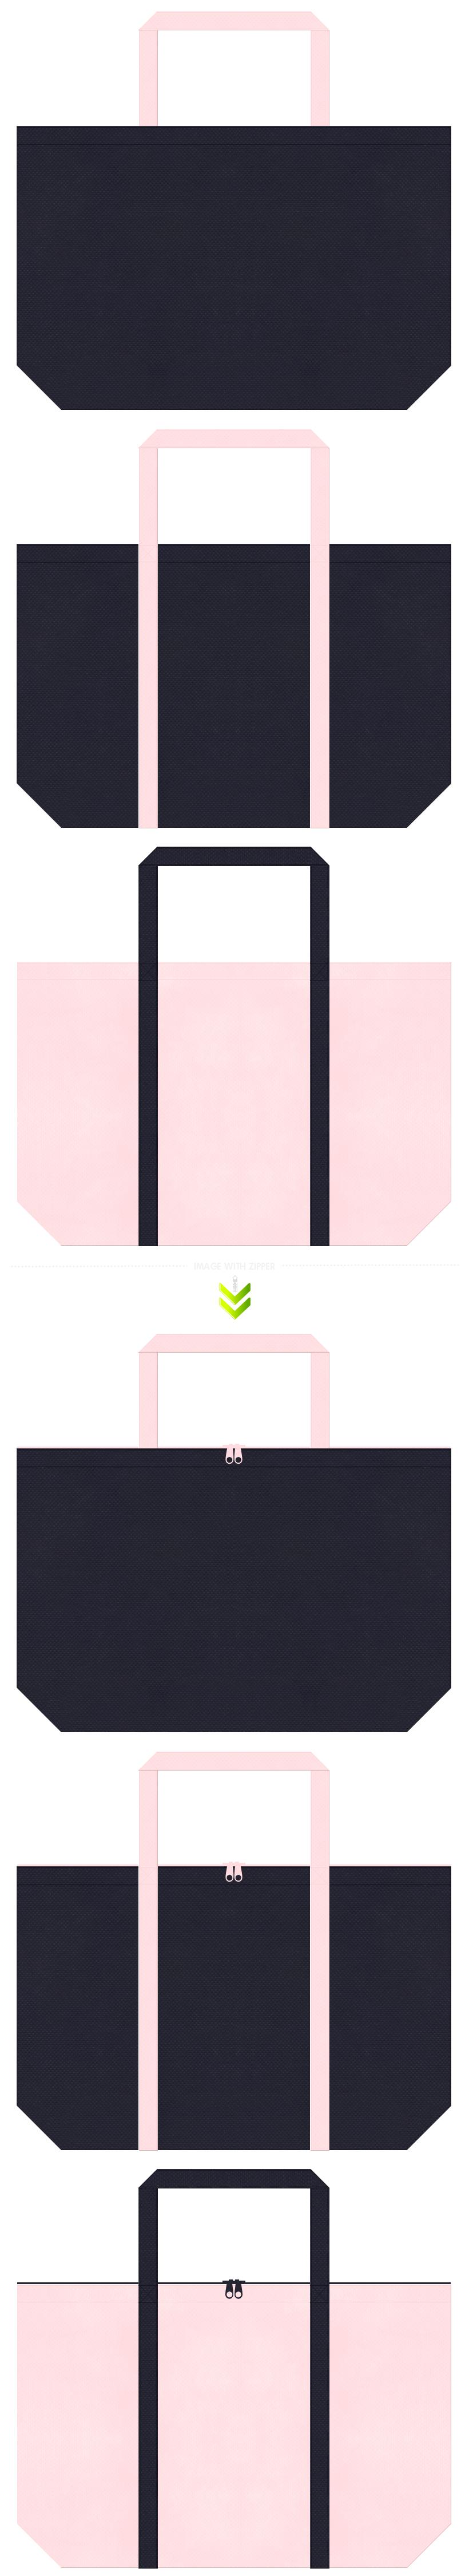 濃紺色と桜色の不織布エコバッグのデザイン。学校制服・スポーティーファッションのショッピングバッグにお奨めです。